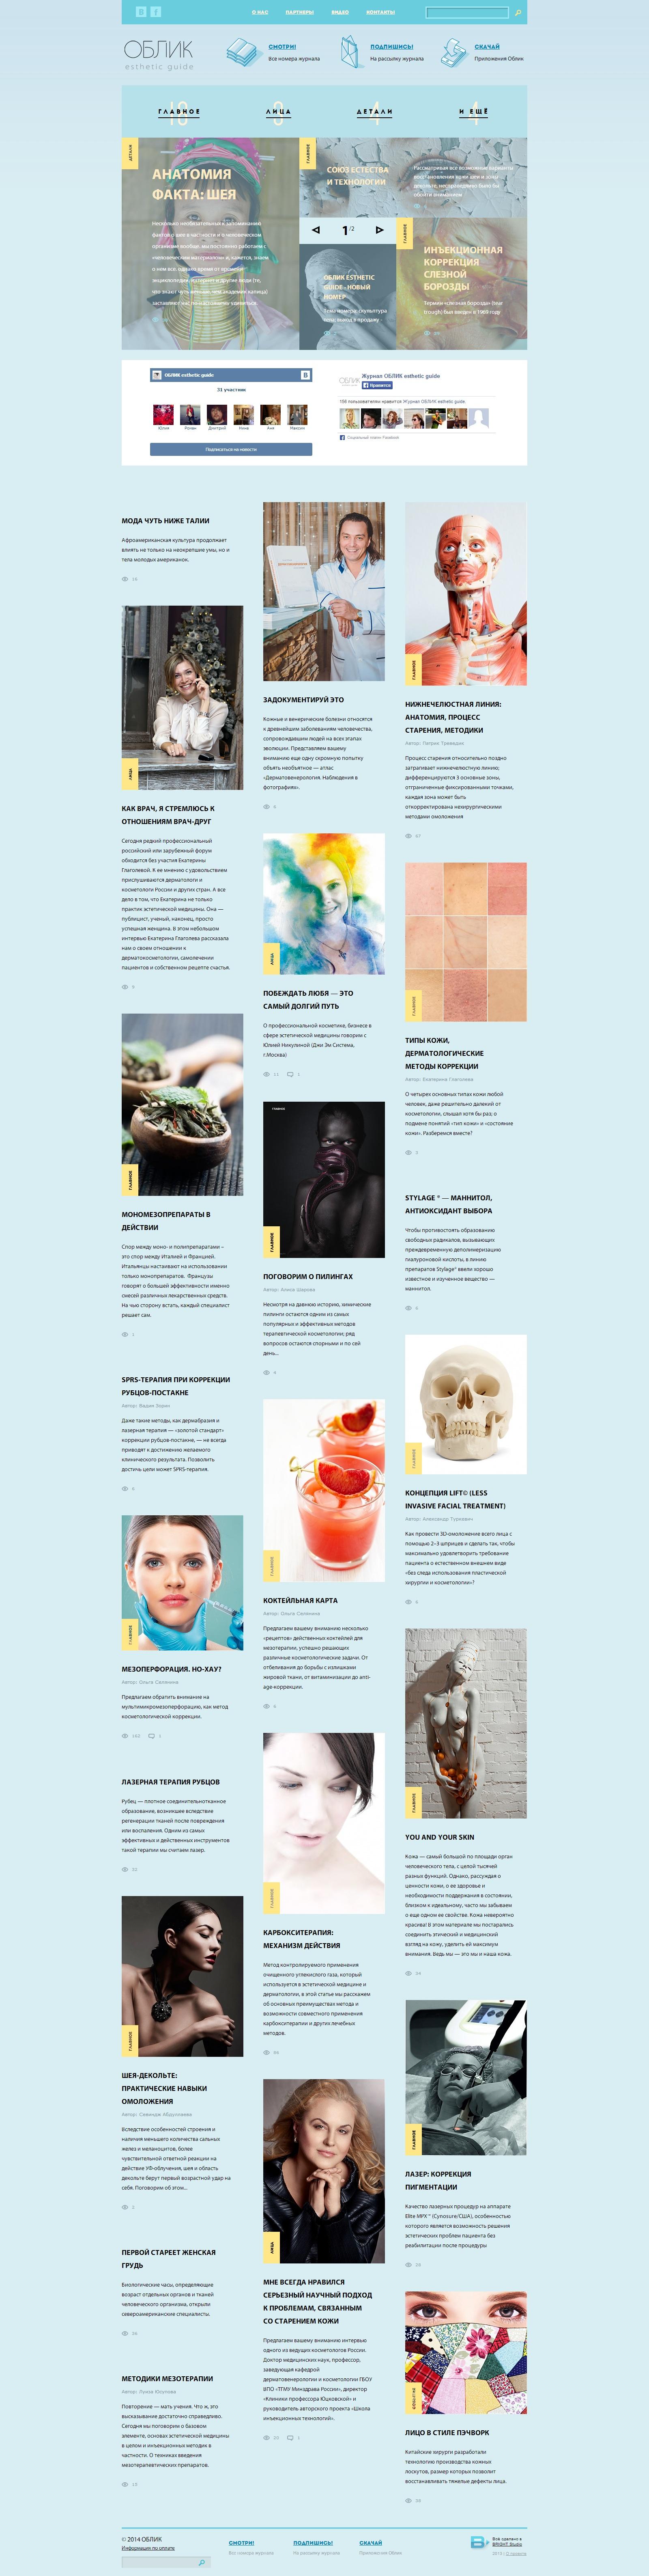 Крутой корпоративный сайт журнала Oblik